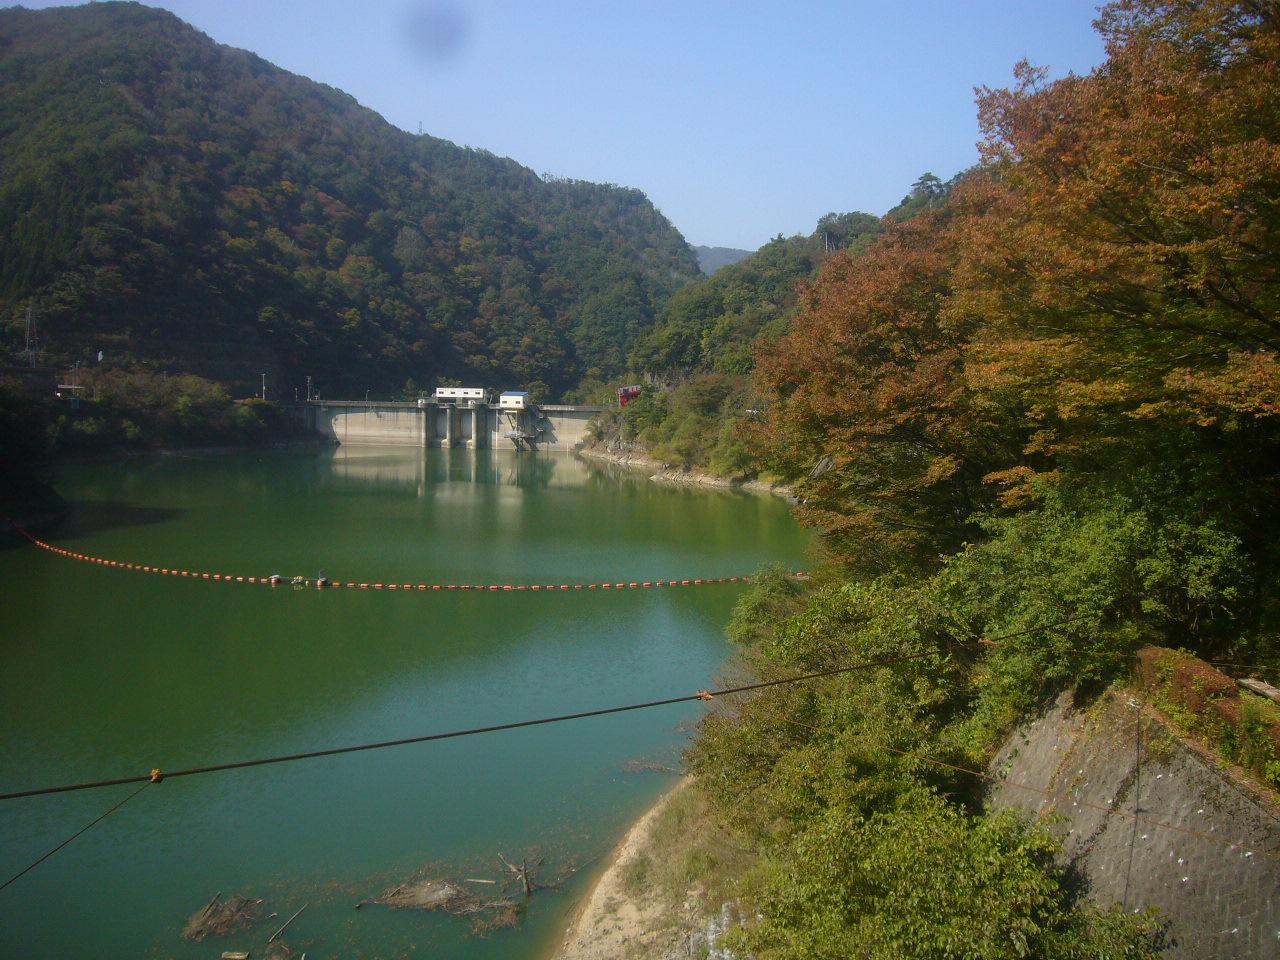 登山道入り口のつり橋から我谷ダム H27.10.21